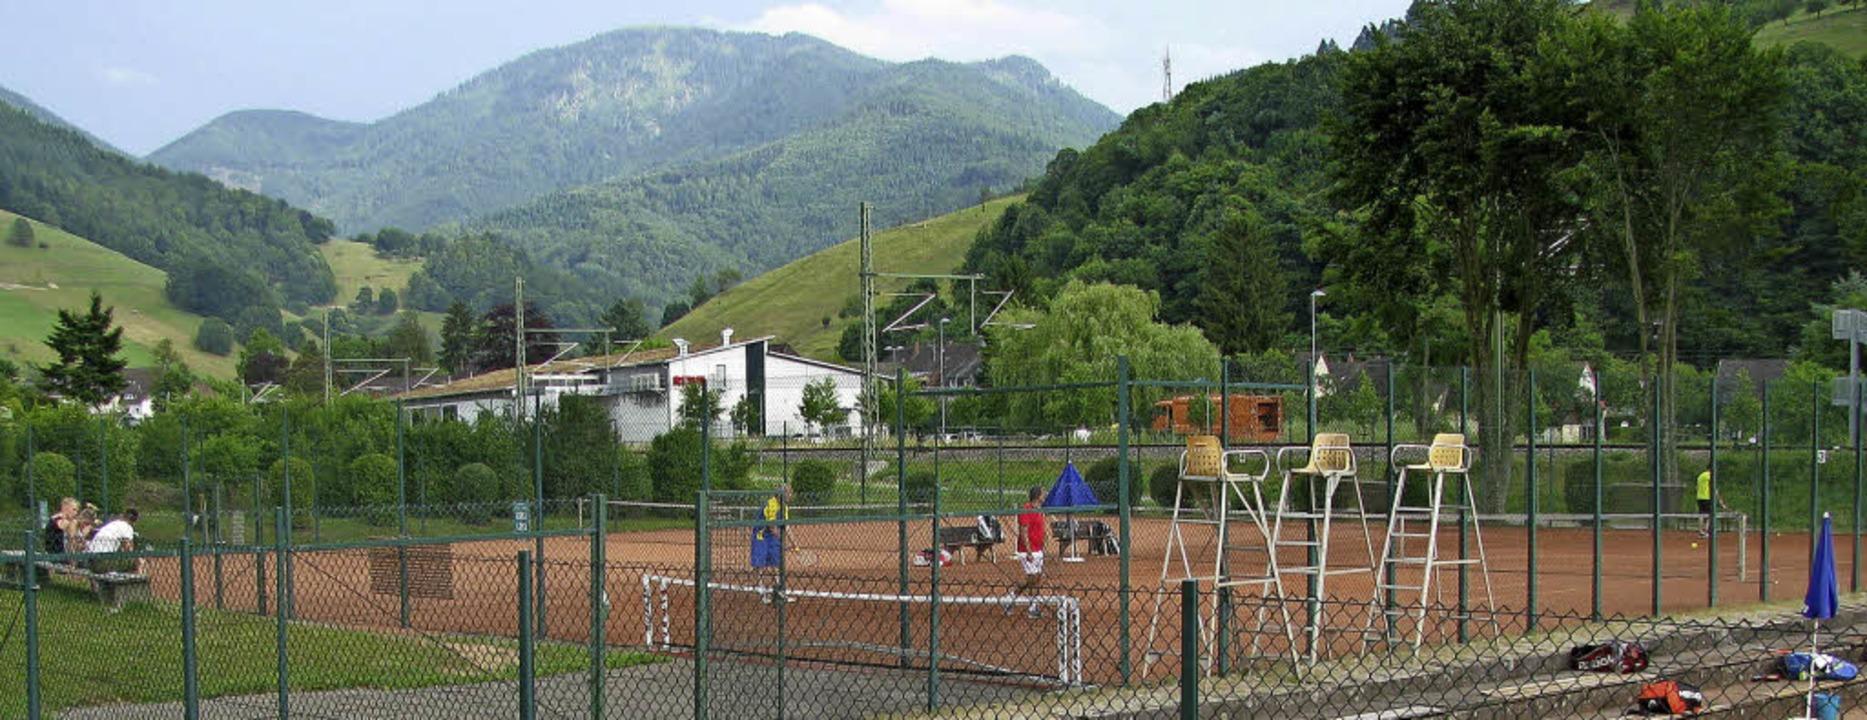 Der Tennisplatz in Münstertal soll noch erweitert werden.   | Foto: Manfred Lange